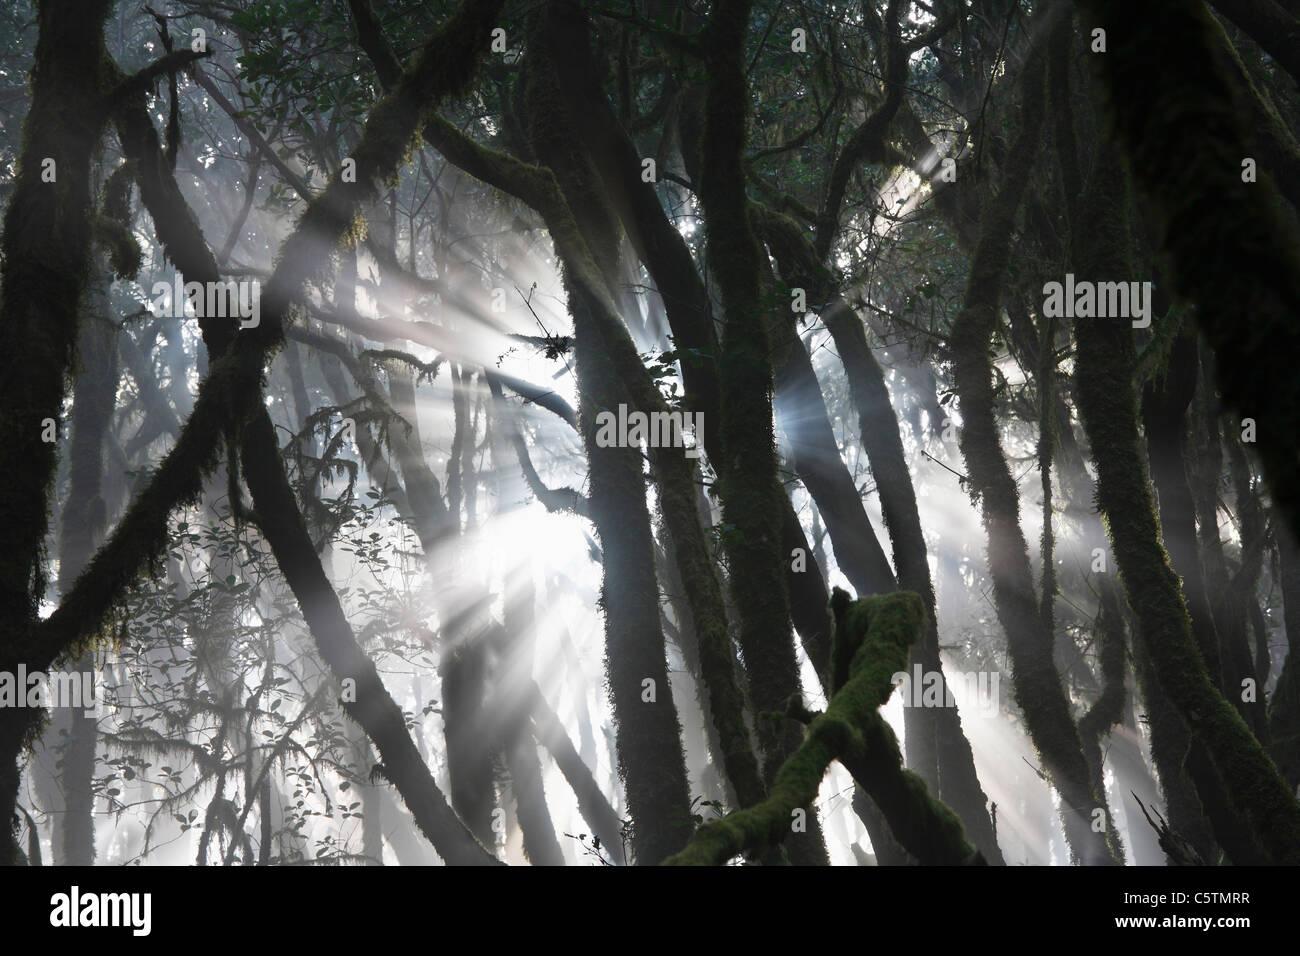 Spanien, Kanarische Inseln, La Gomera, Ansicht der Lorbeerwald im Nationalpark garajonay Stockbild